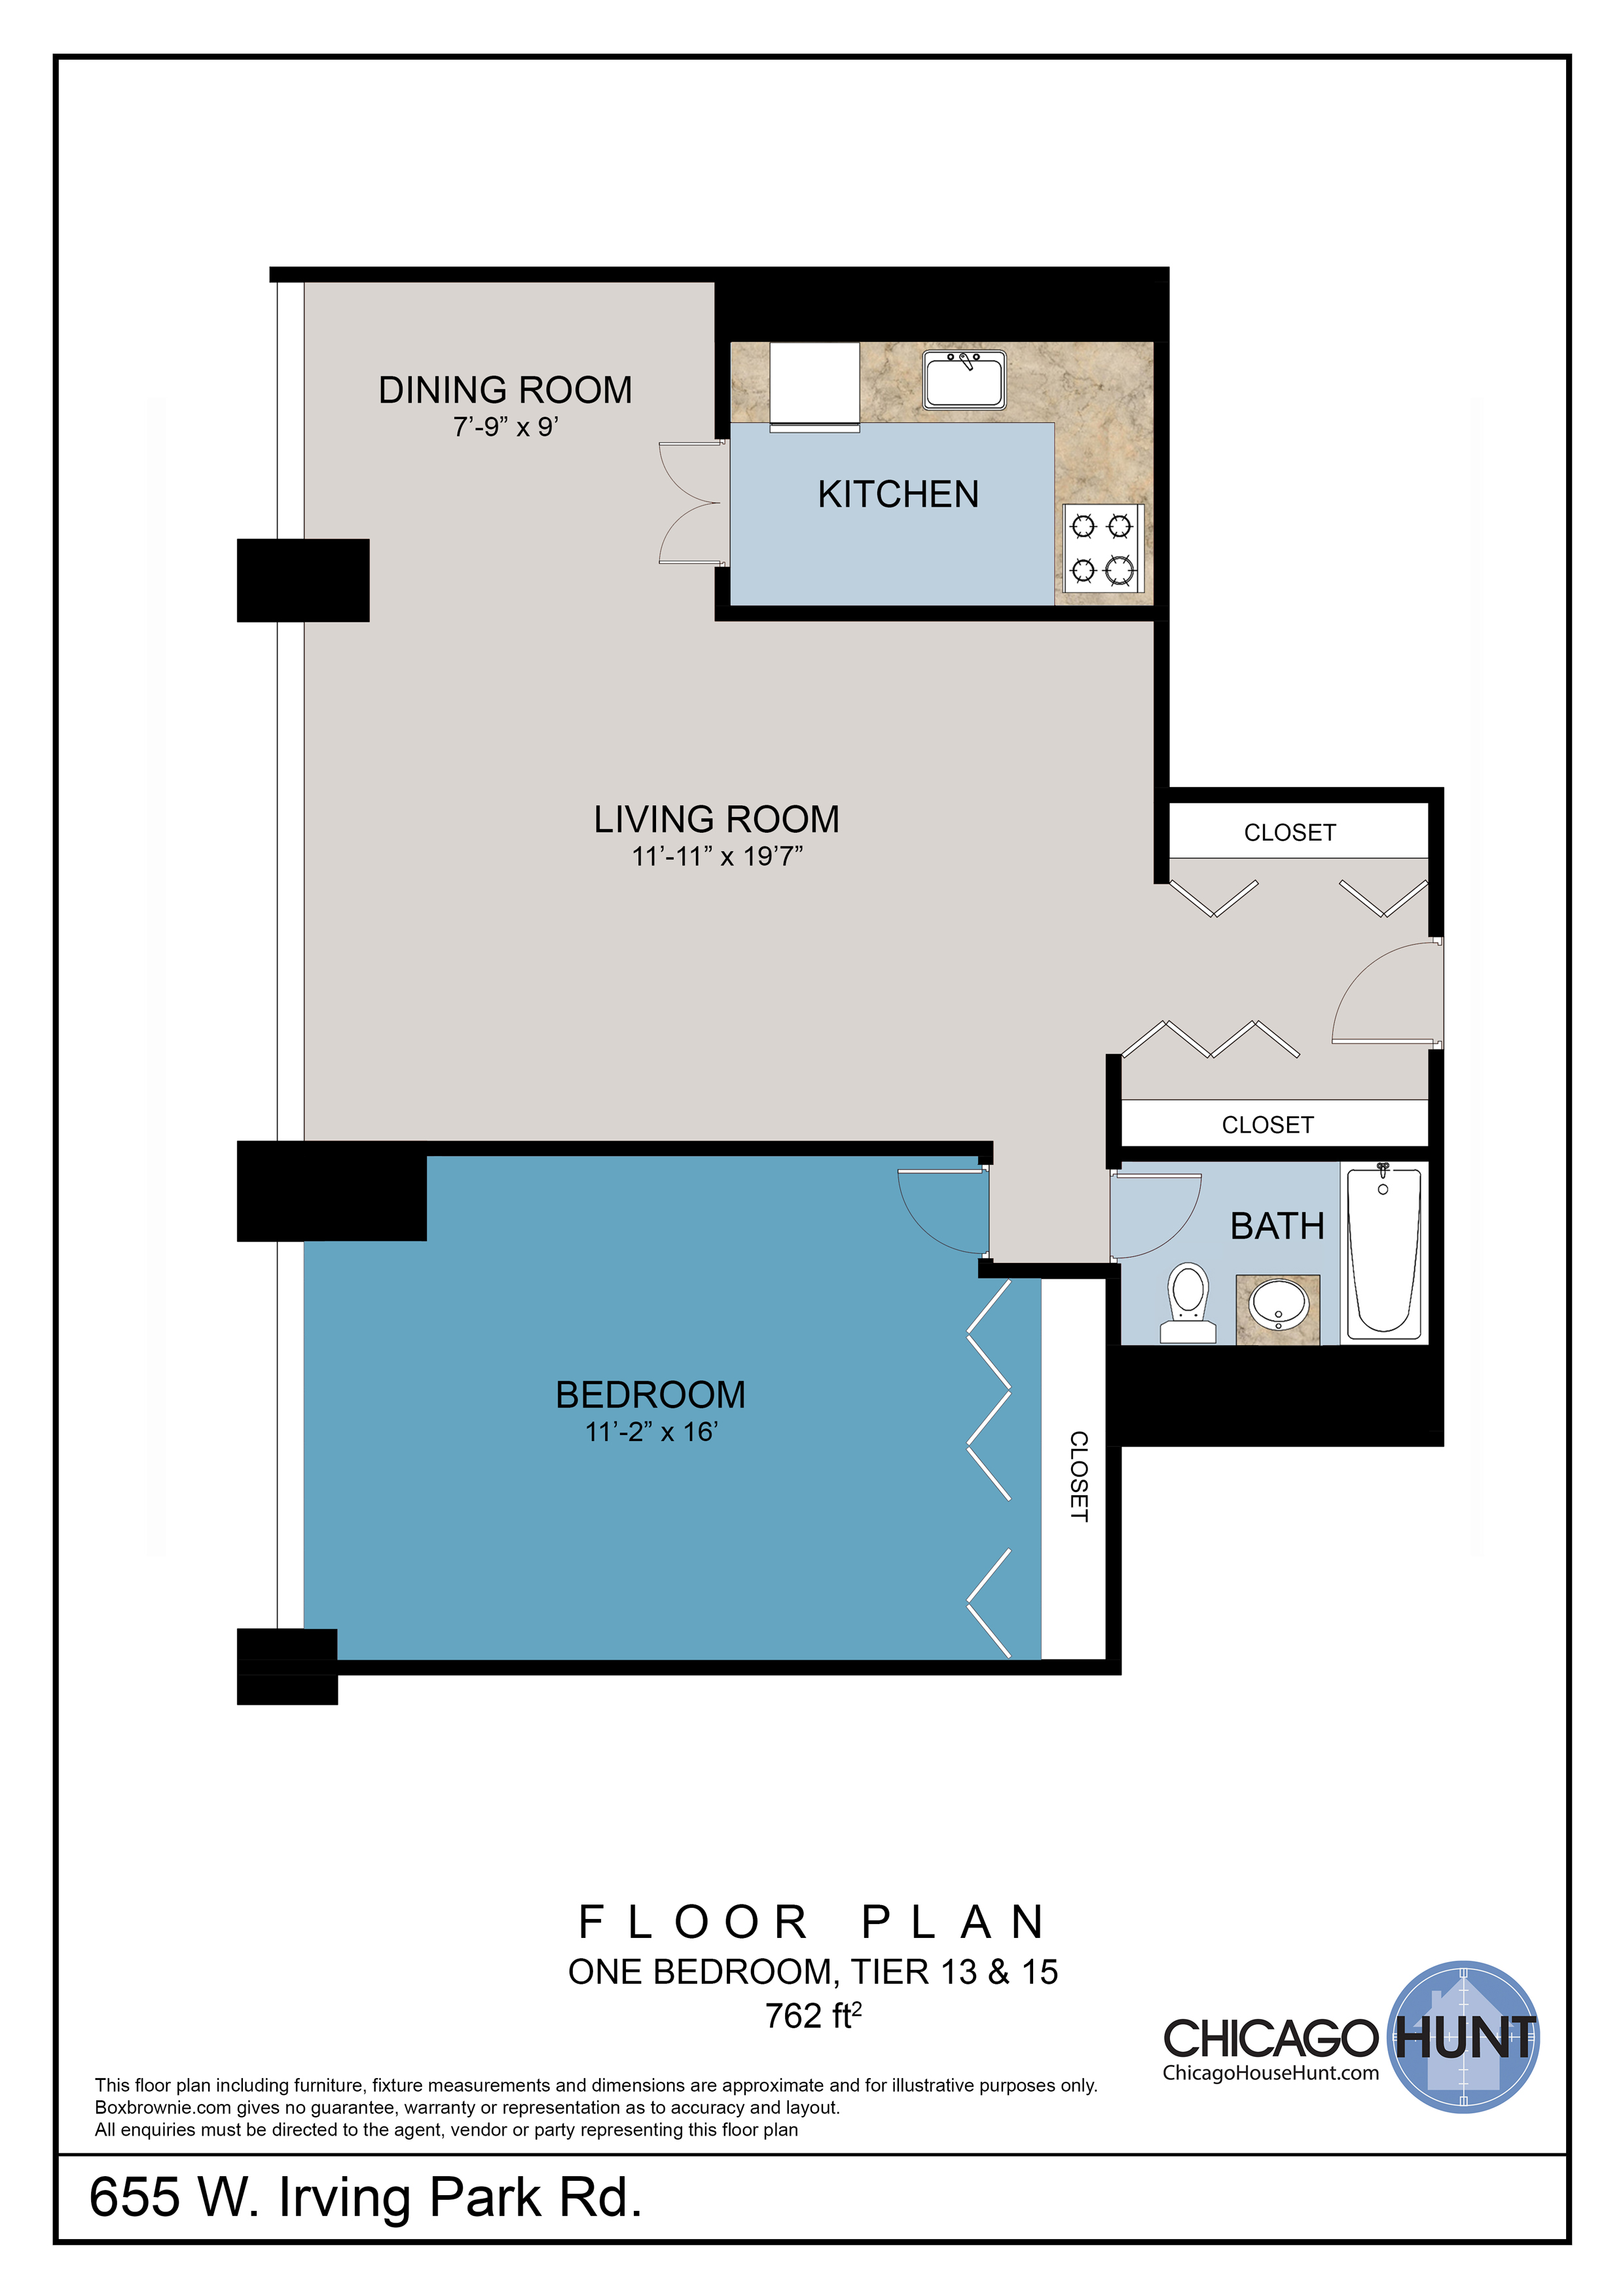 655 Irving Park, Park Place Towere - Floor Plan - Tier 13 & 15